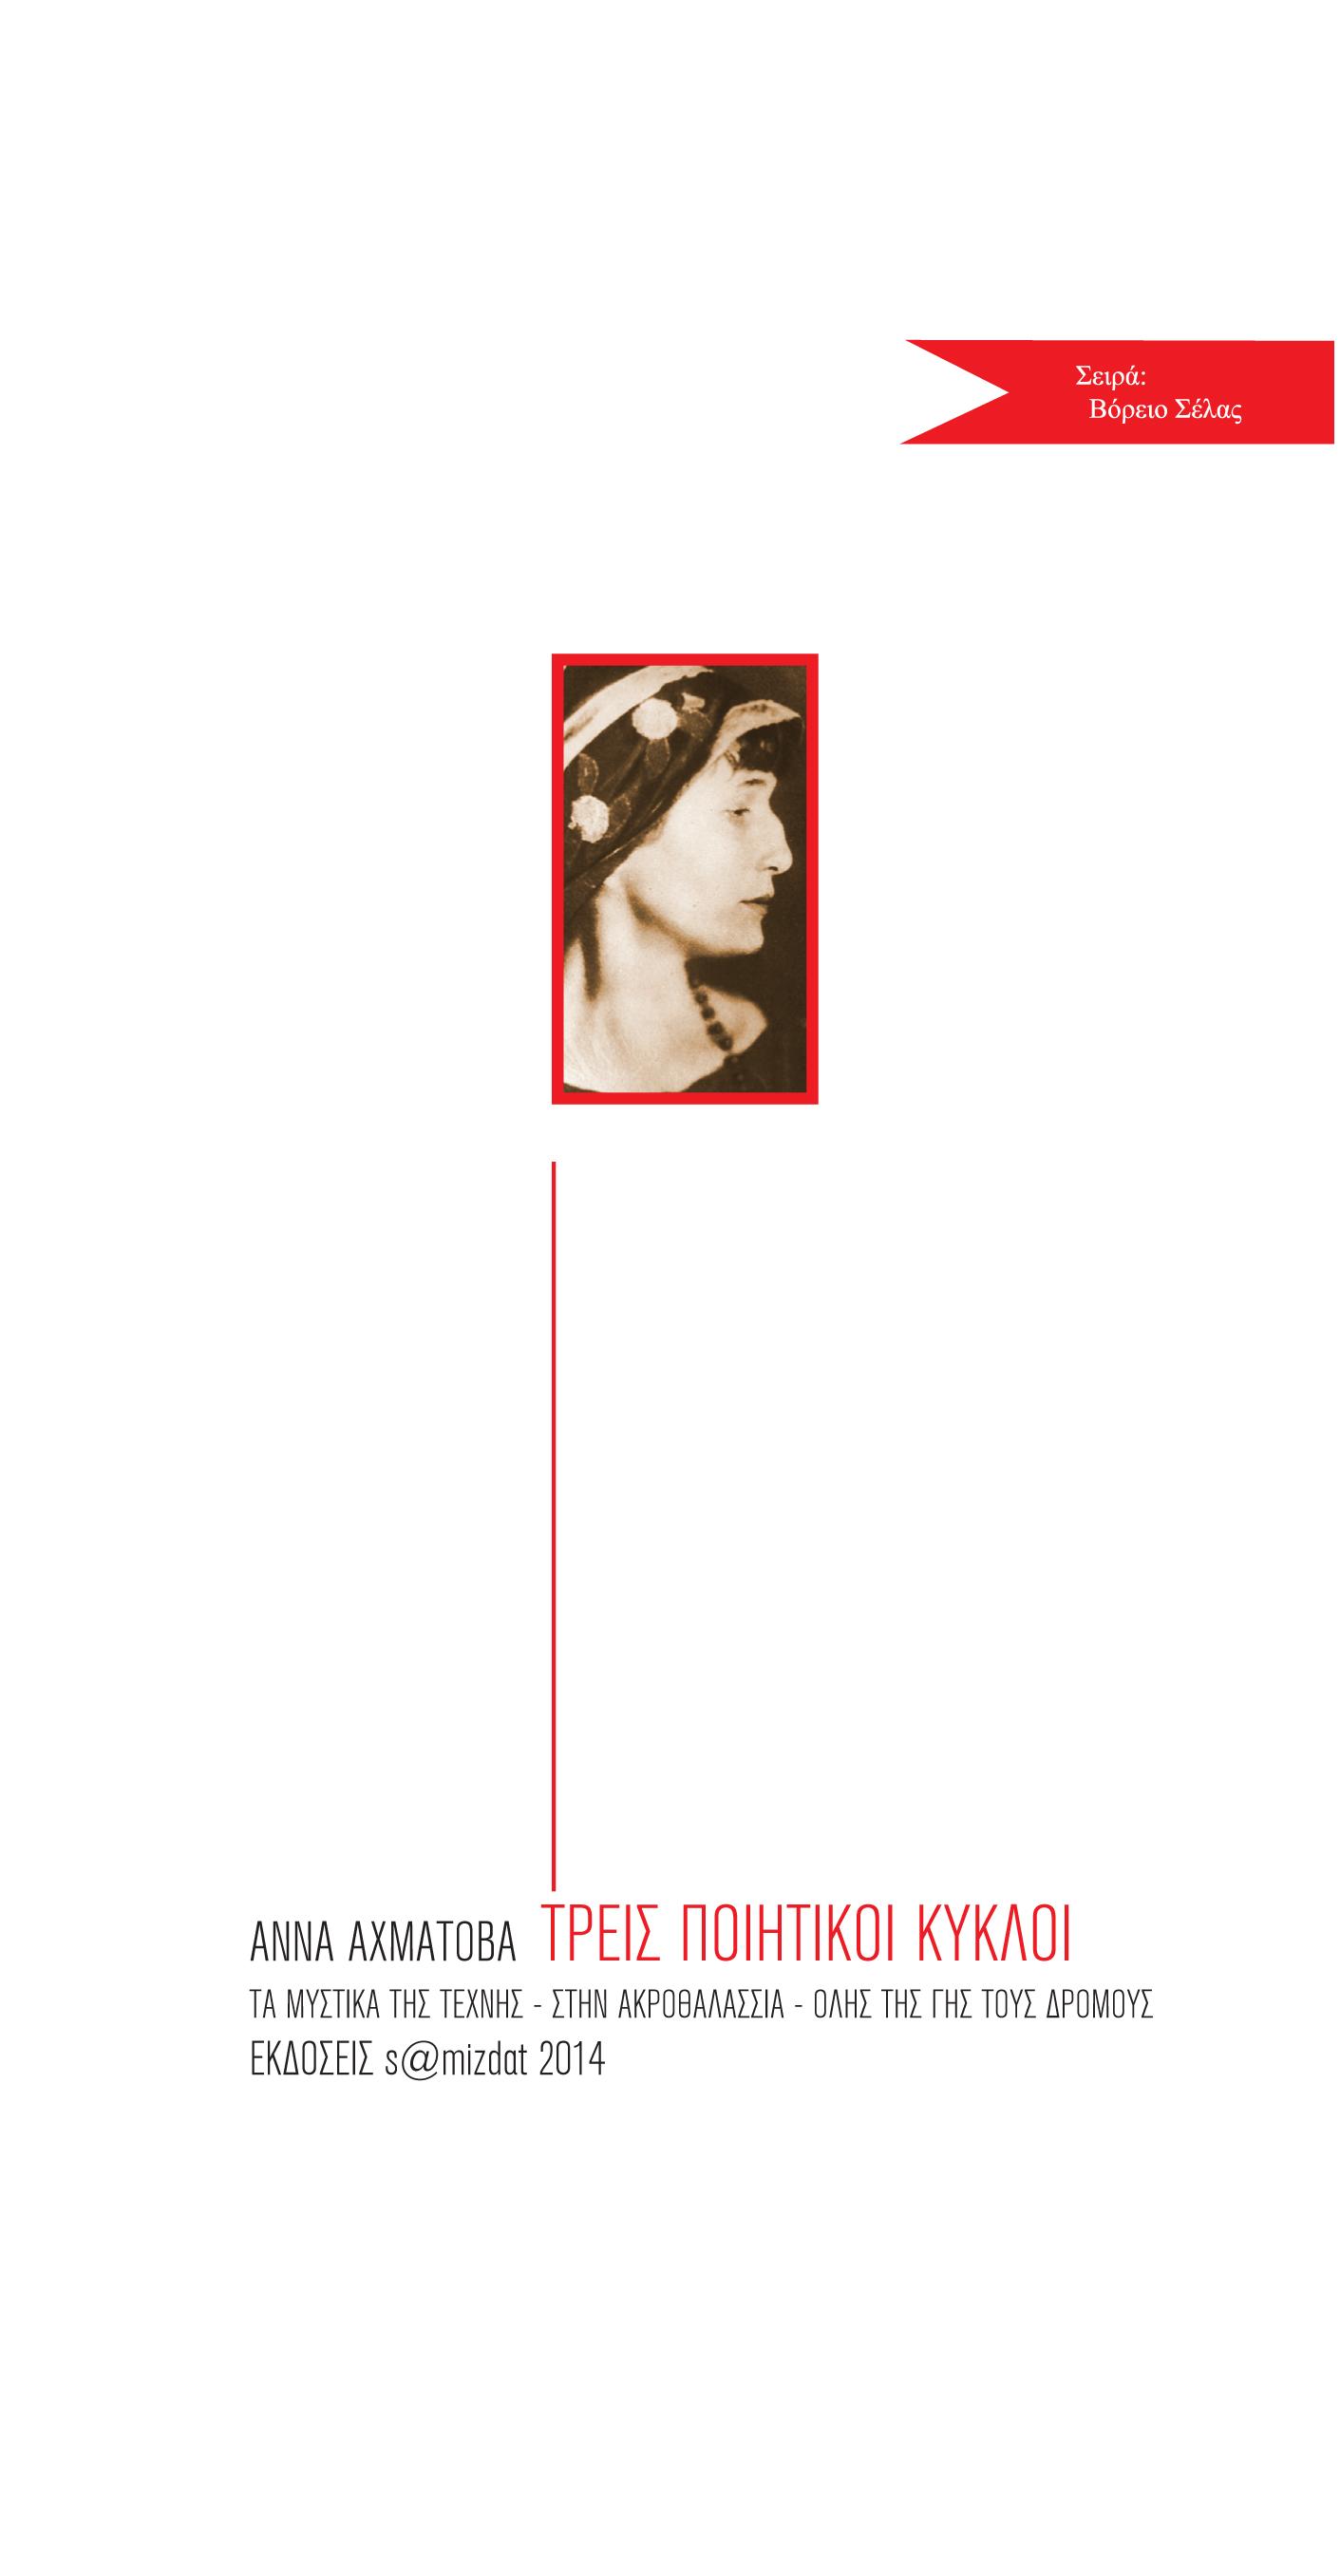 Άννα Αχμάτοβα Τρεις ποιητικοί κύκλοι